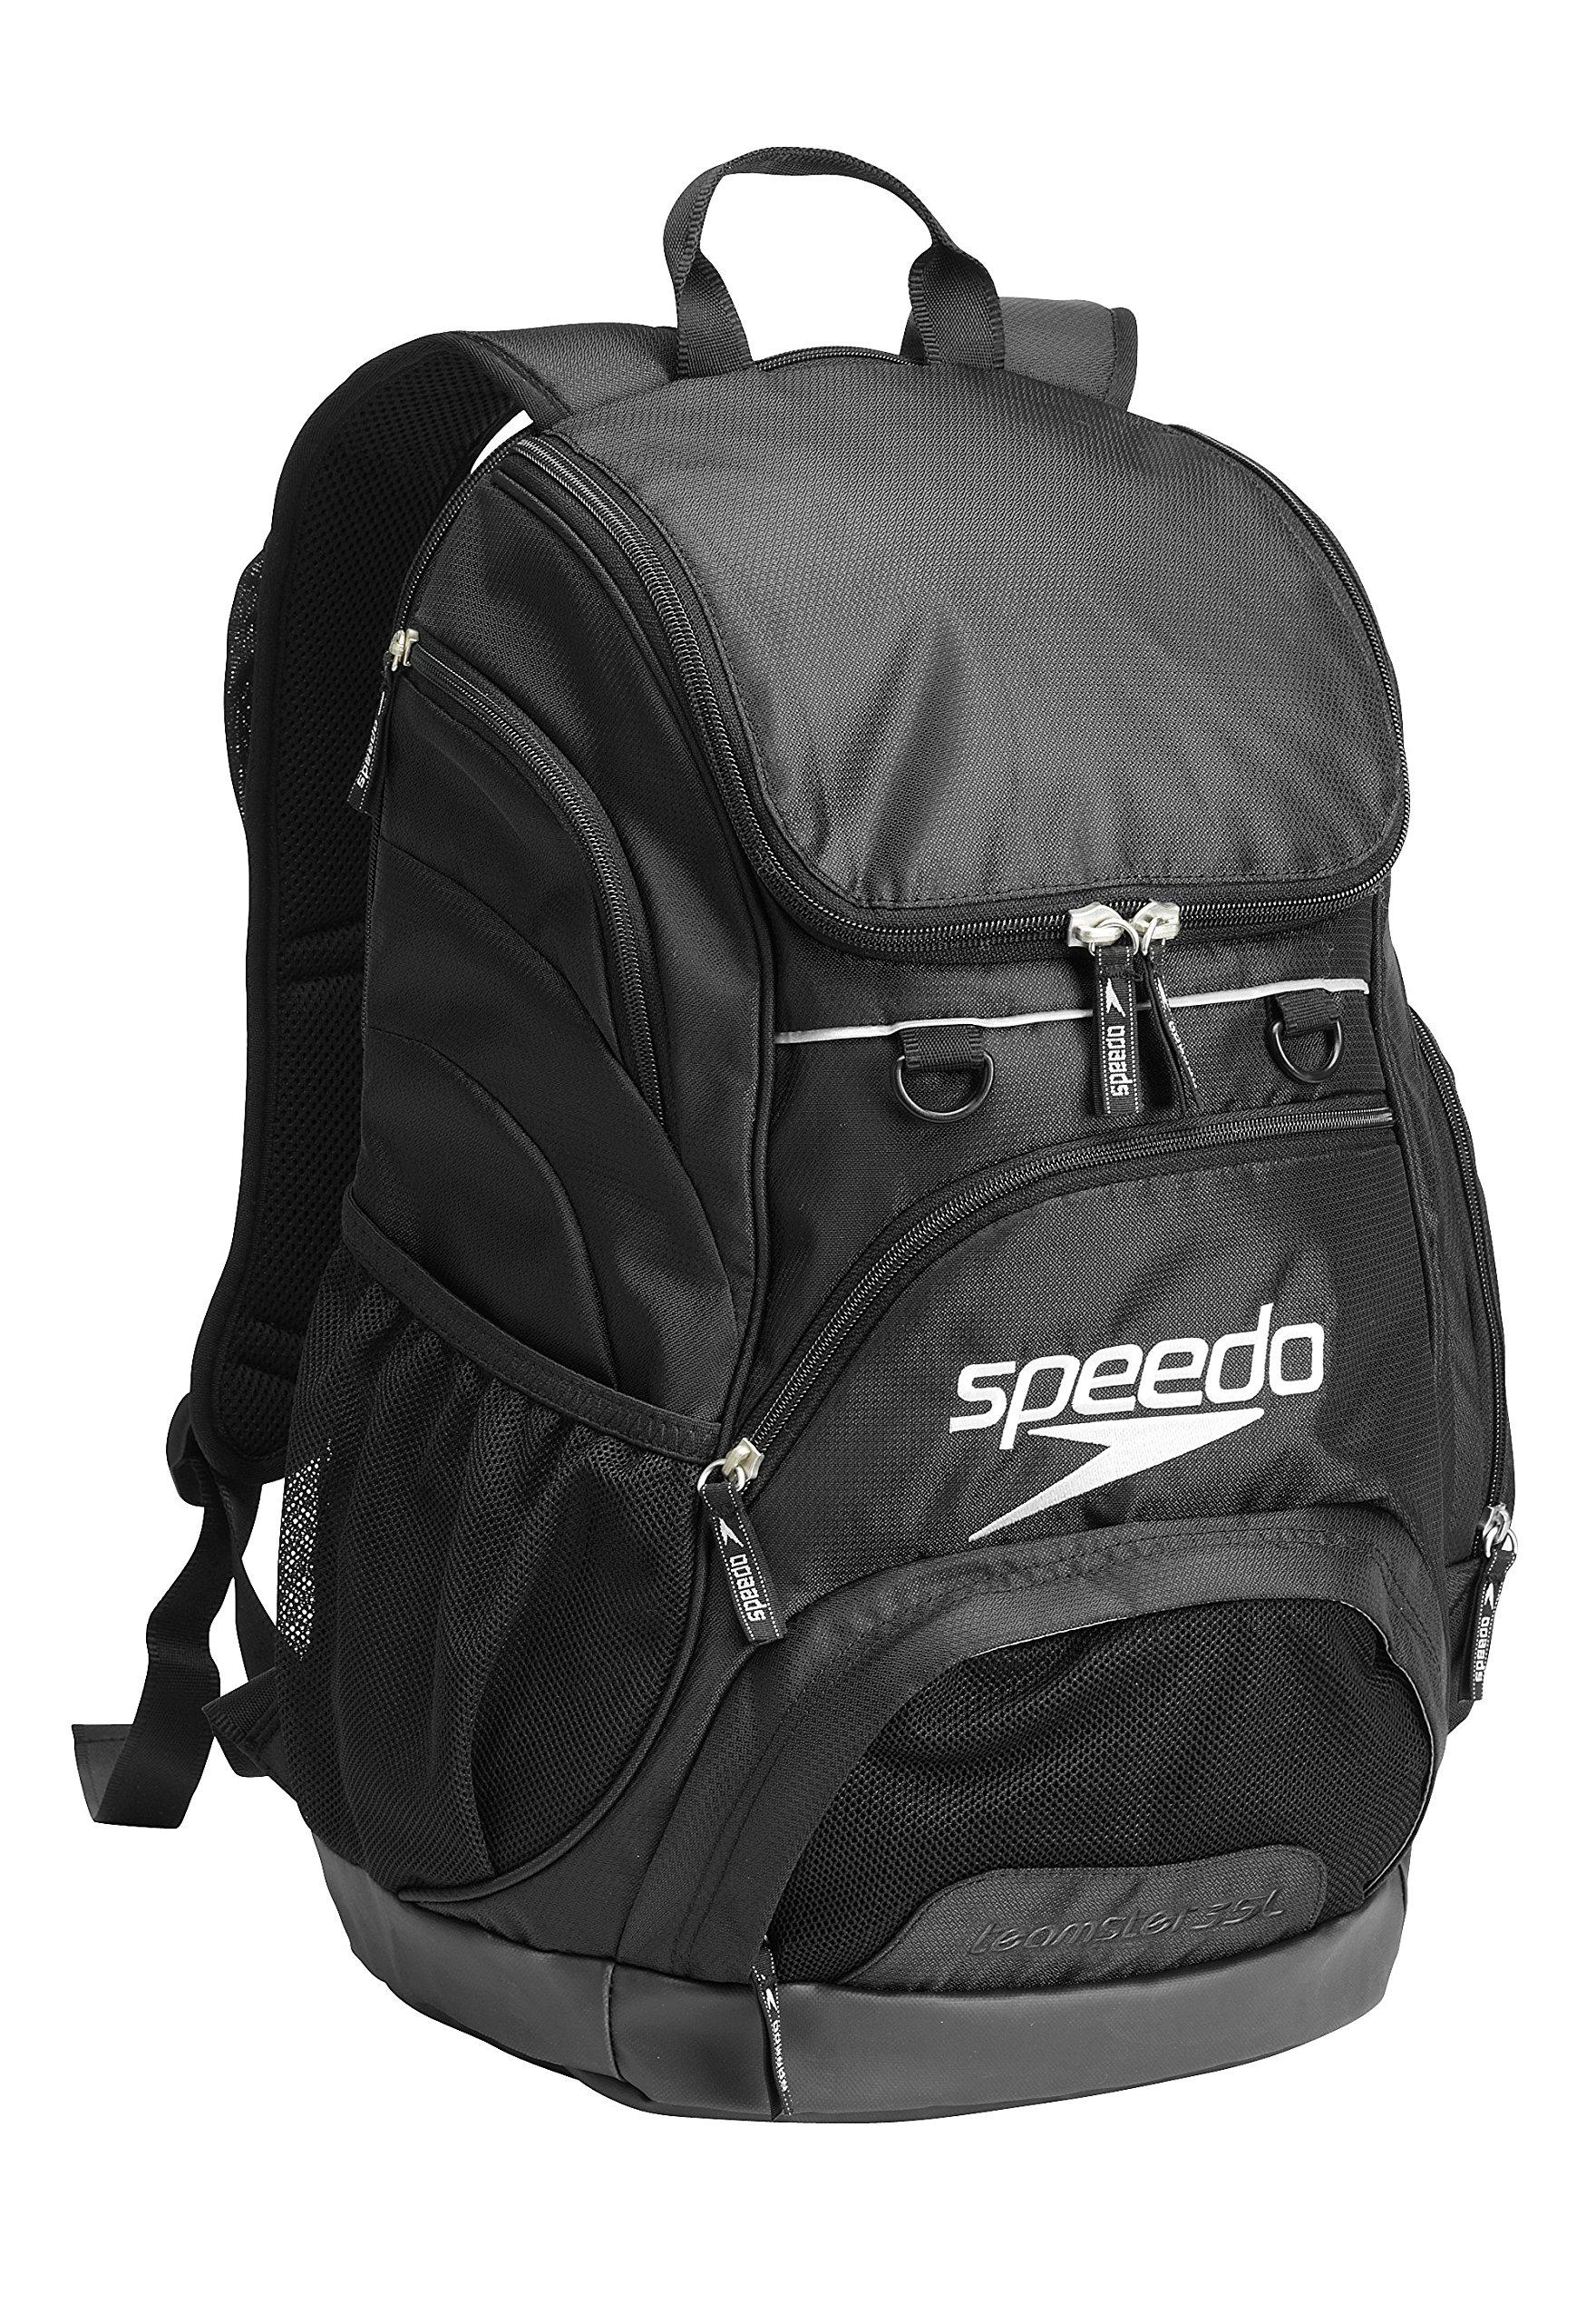 Speedo Printed Teamster 35L Backpack, Black/Black, 1SZ